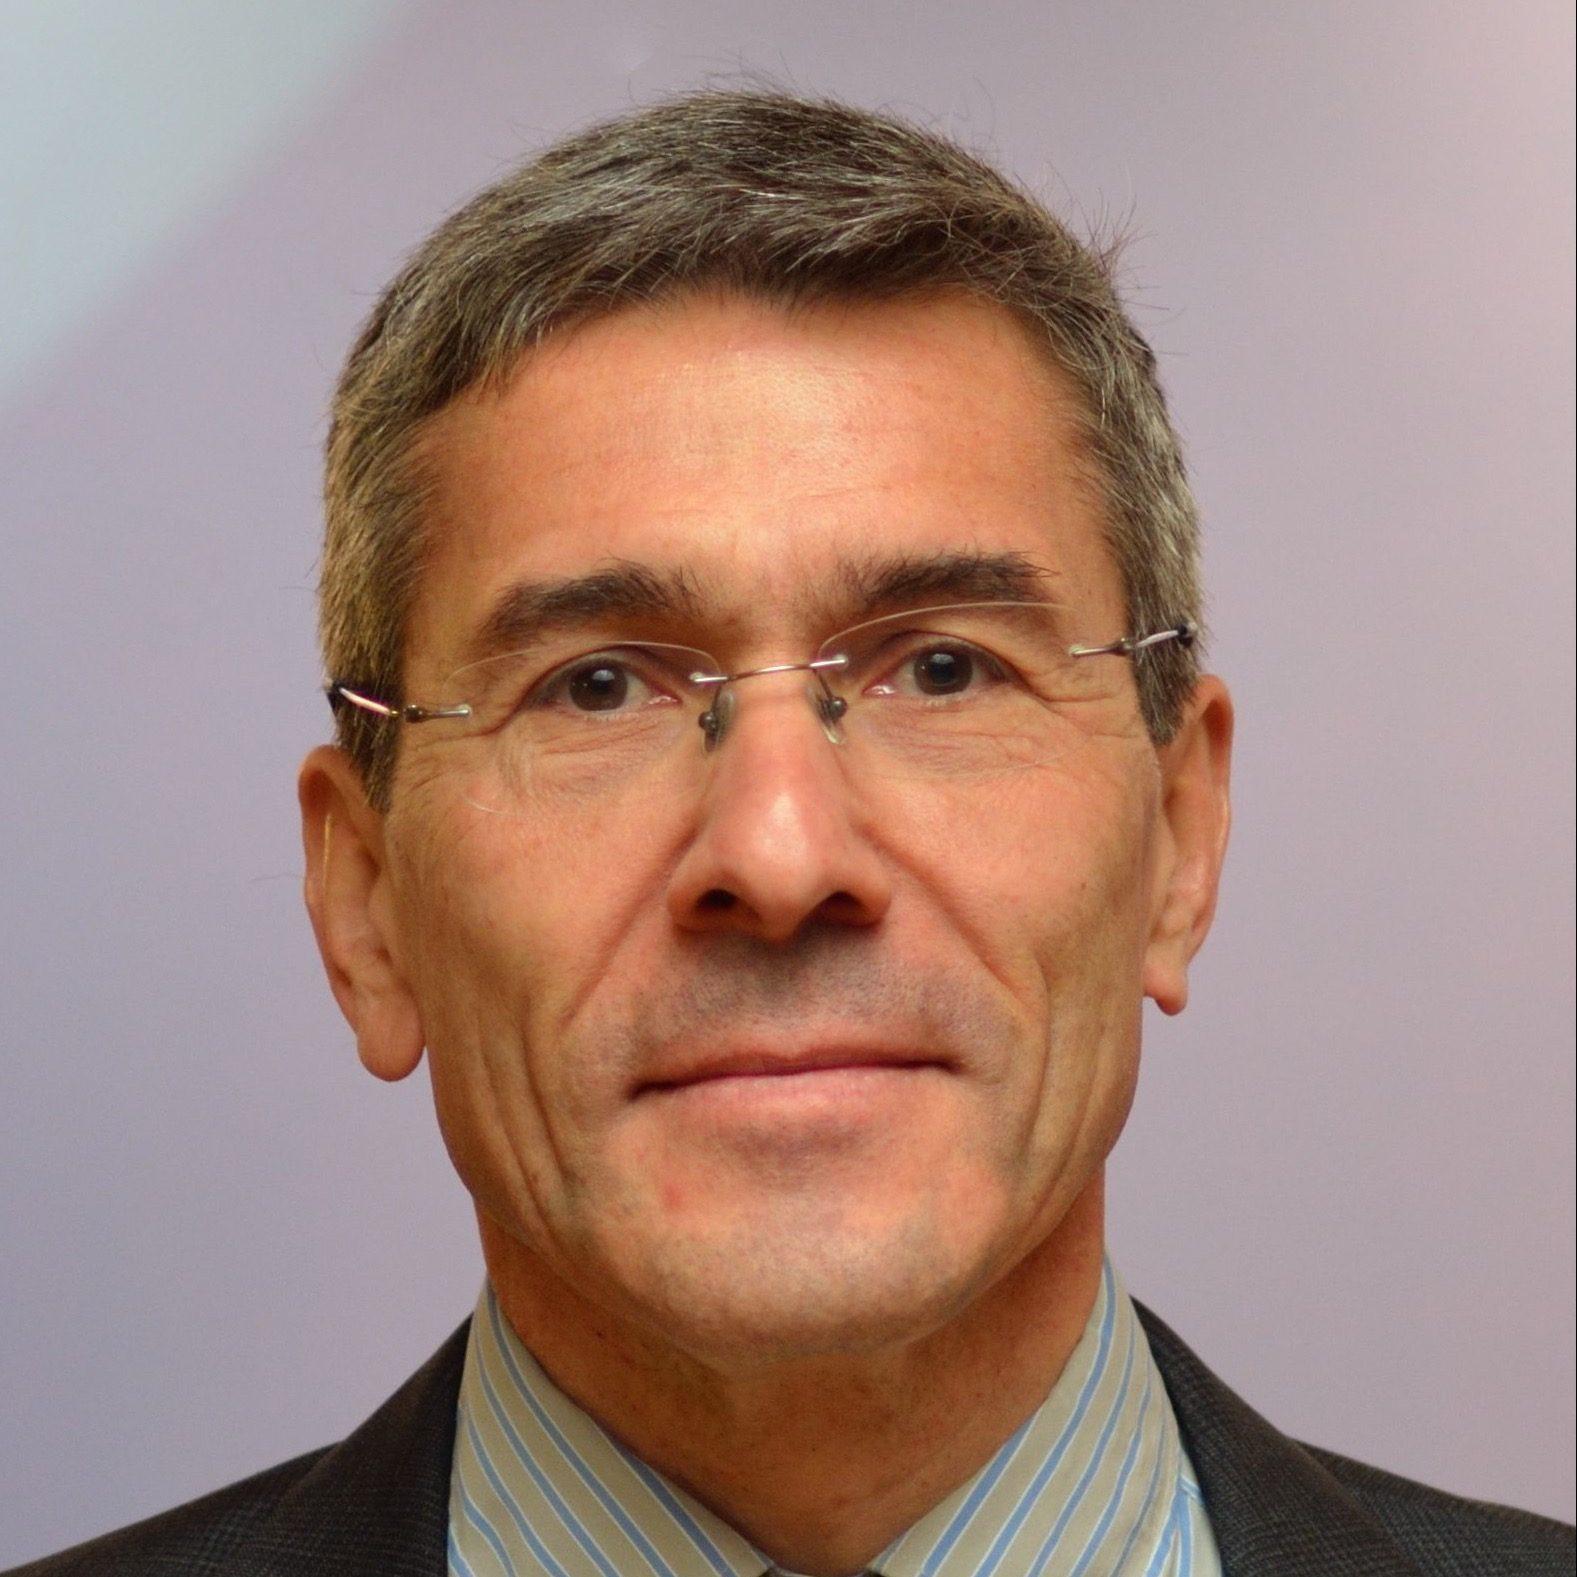 Profil - Jacques Roujansky